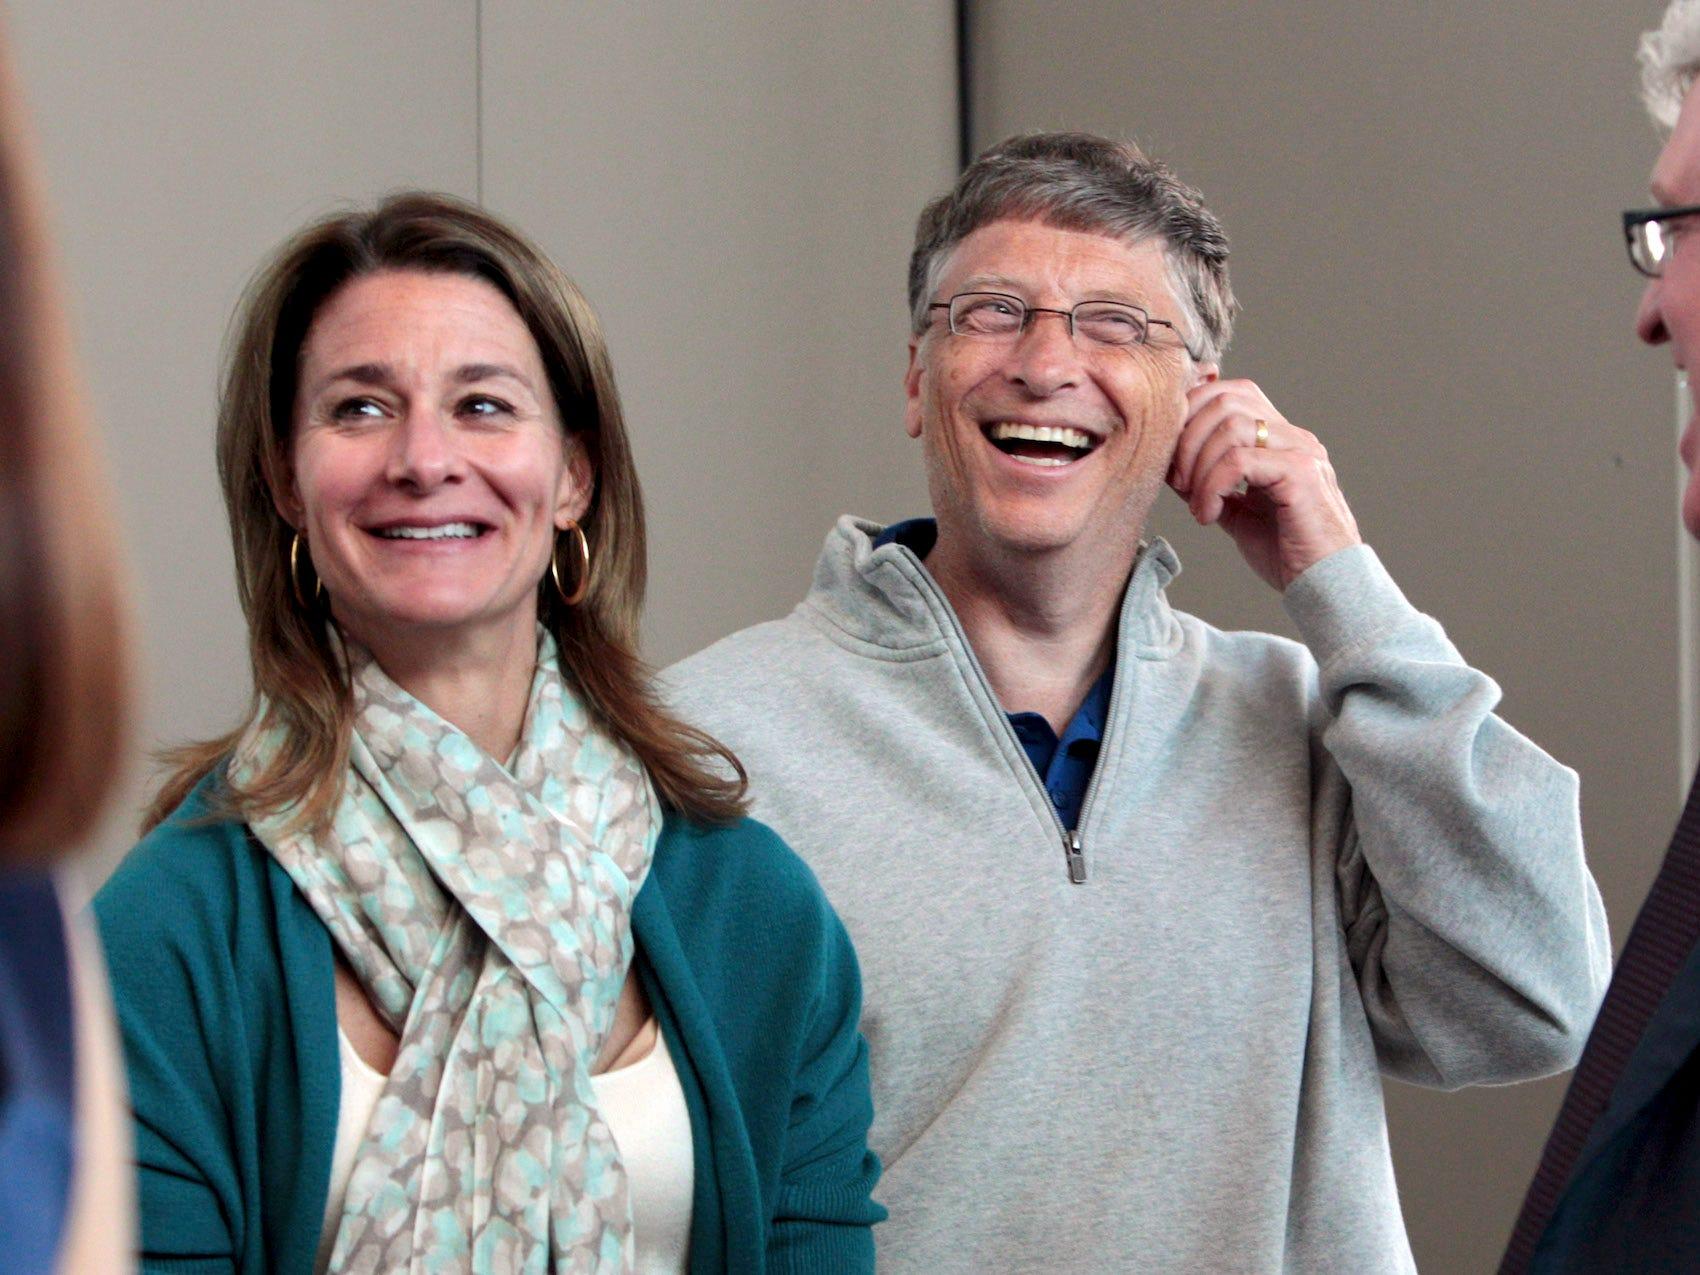 Chuyện tình 27 năm của Bill Gates qua ảnh - 6